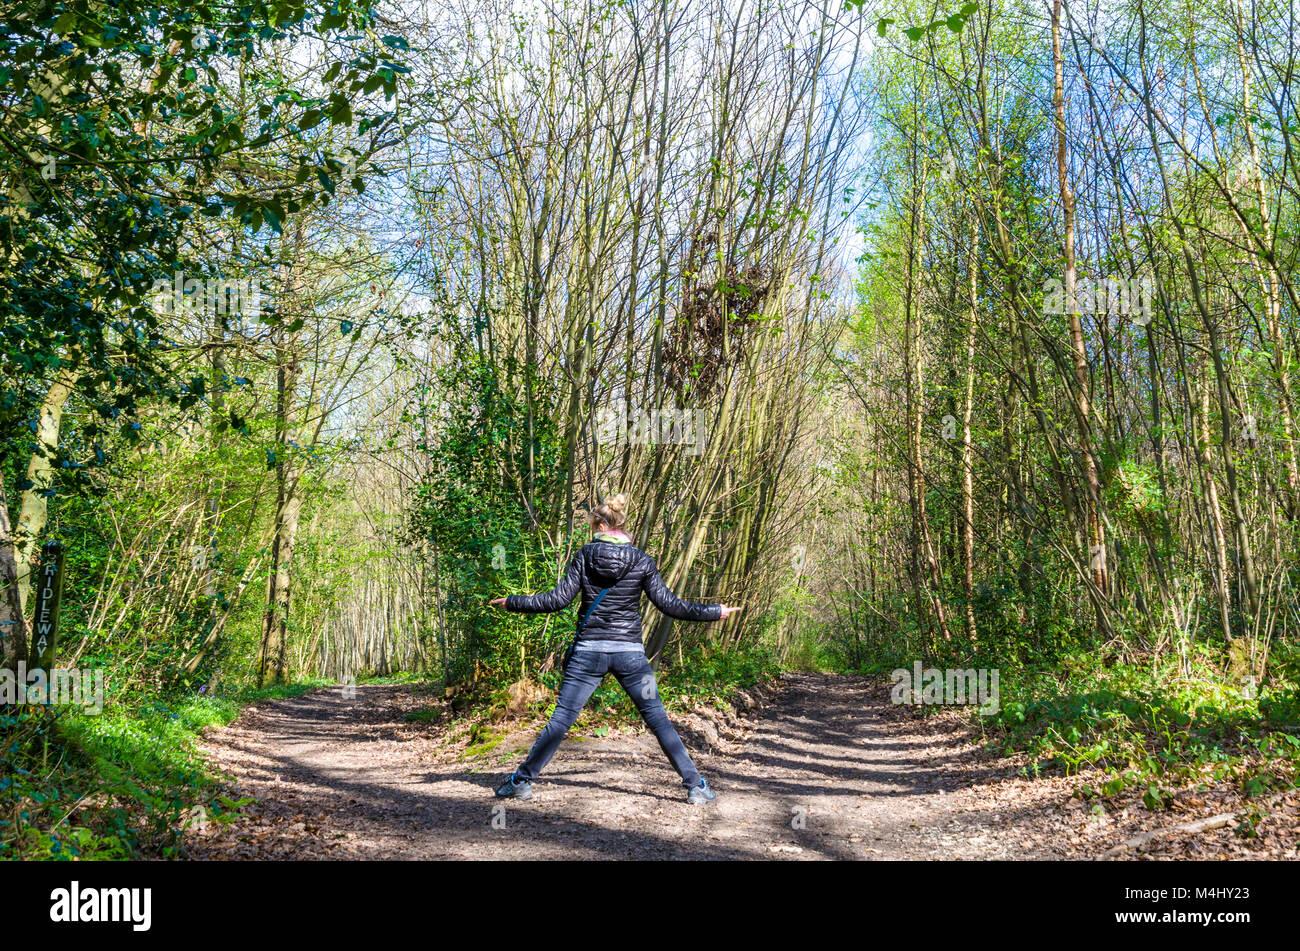 Die Straße weniger reiste. Eine Frau und zwei Pfade im Wald Stockfoto